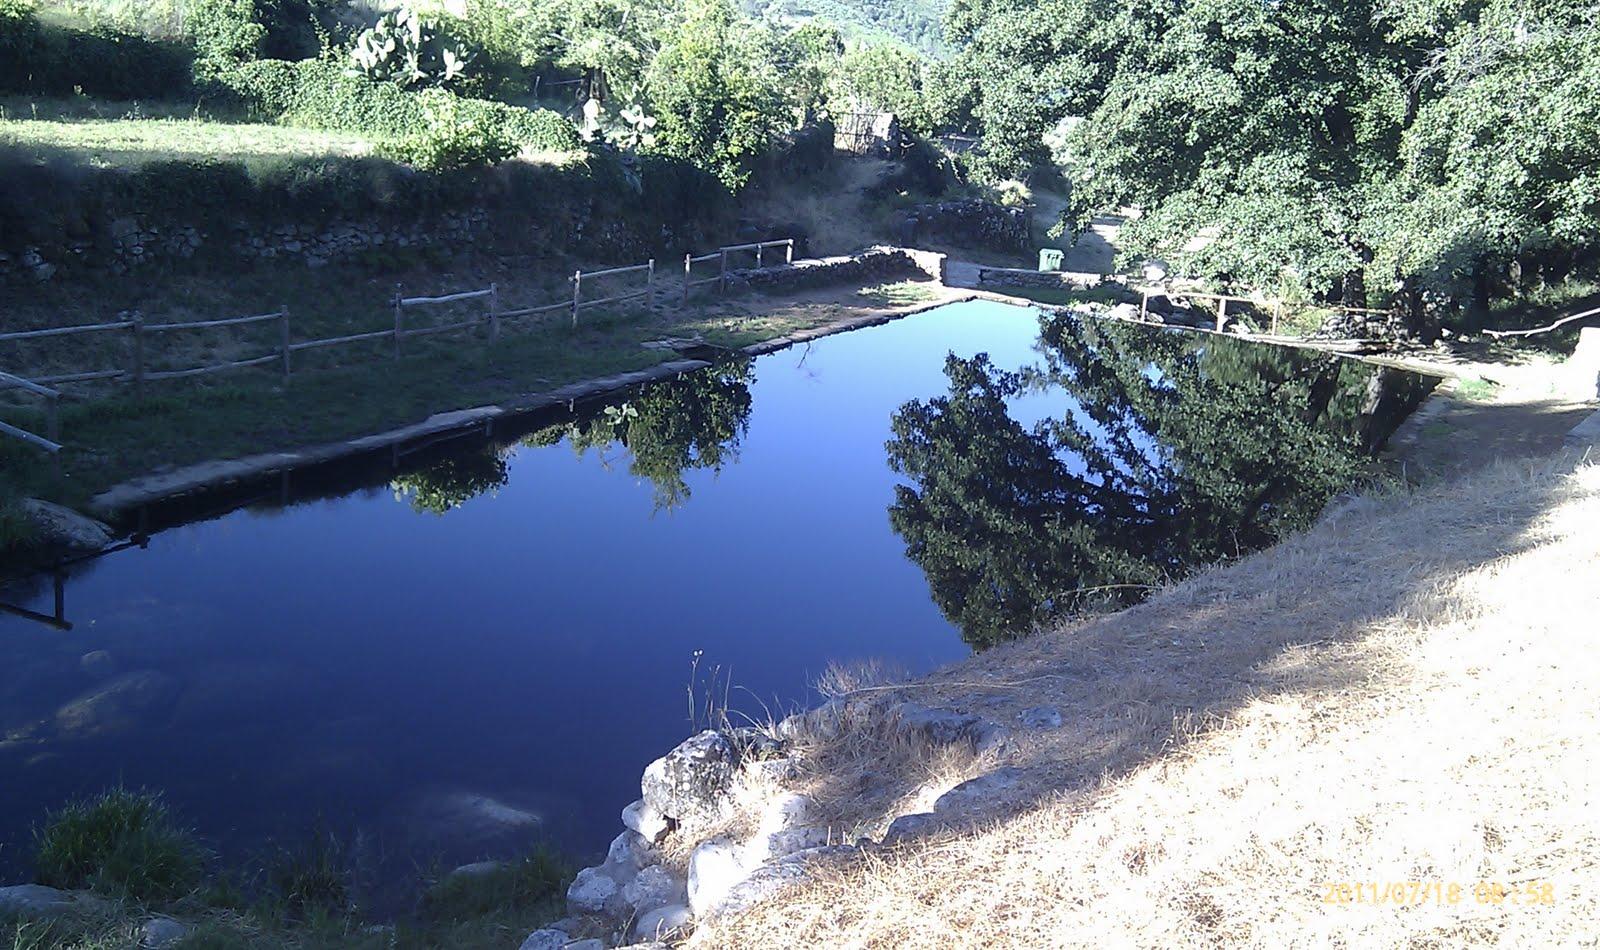 Zocailla casa rural piscinas naturales gata for Escapada rural piscinas naturales